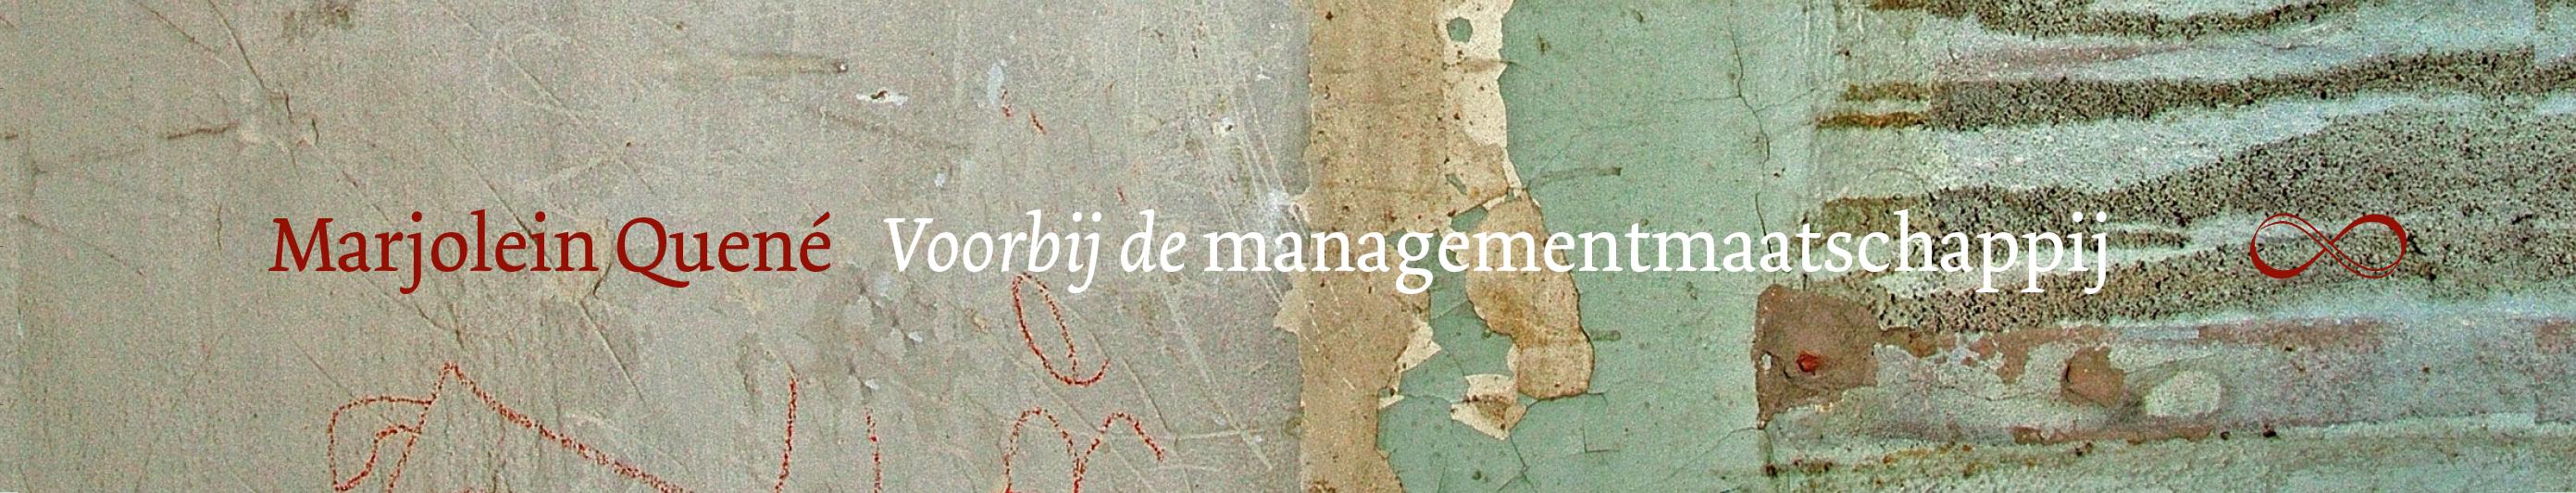 Voorbij de managementmaatschappij